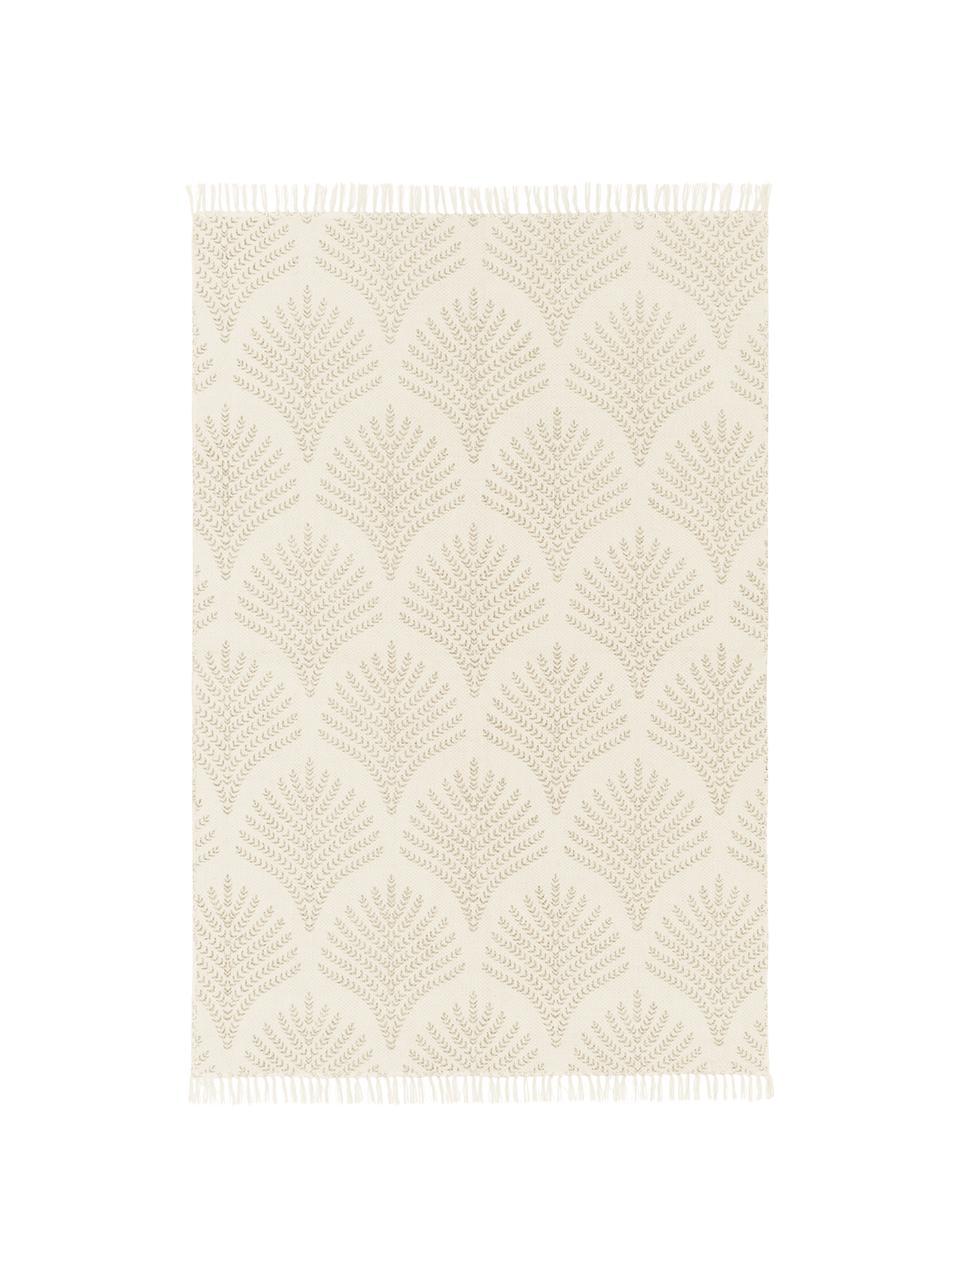 Vlak geweven katoenen vloerkleed Klara in beige/taupe, Beige, B 50 x L 80 cm (maat XXS)